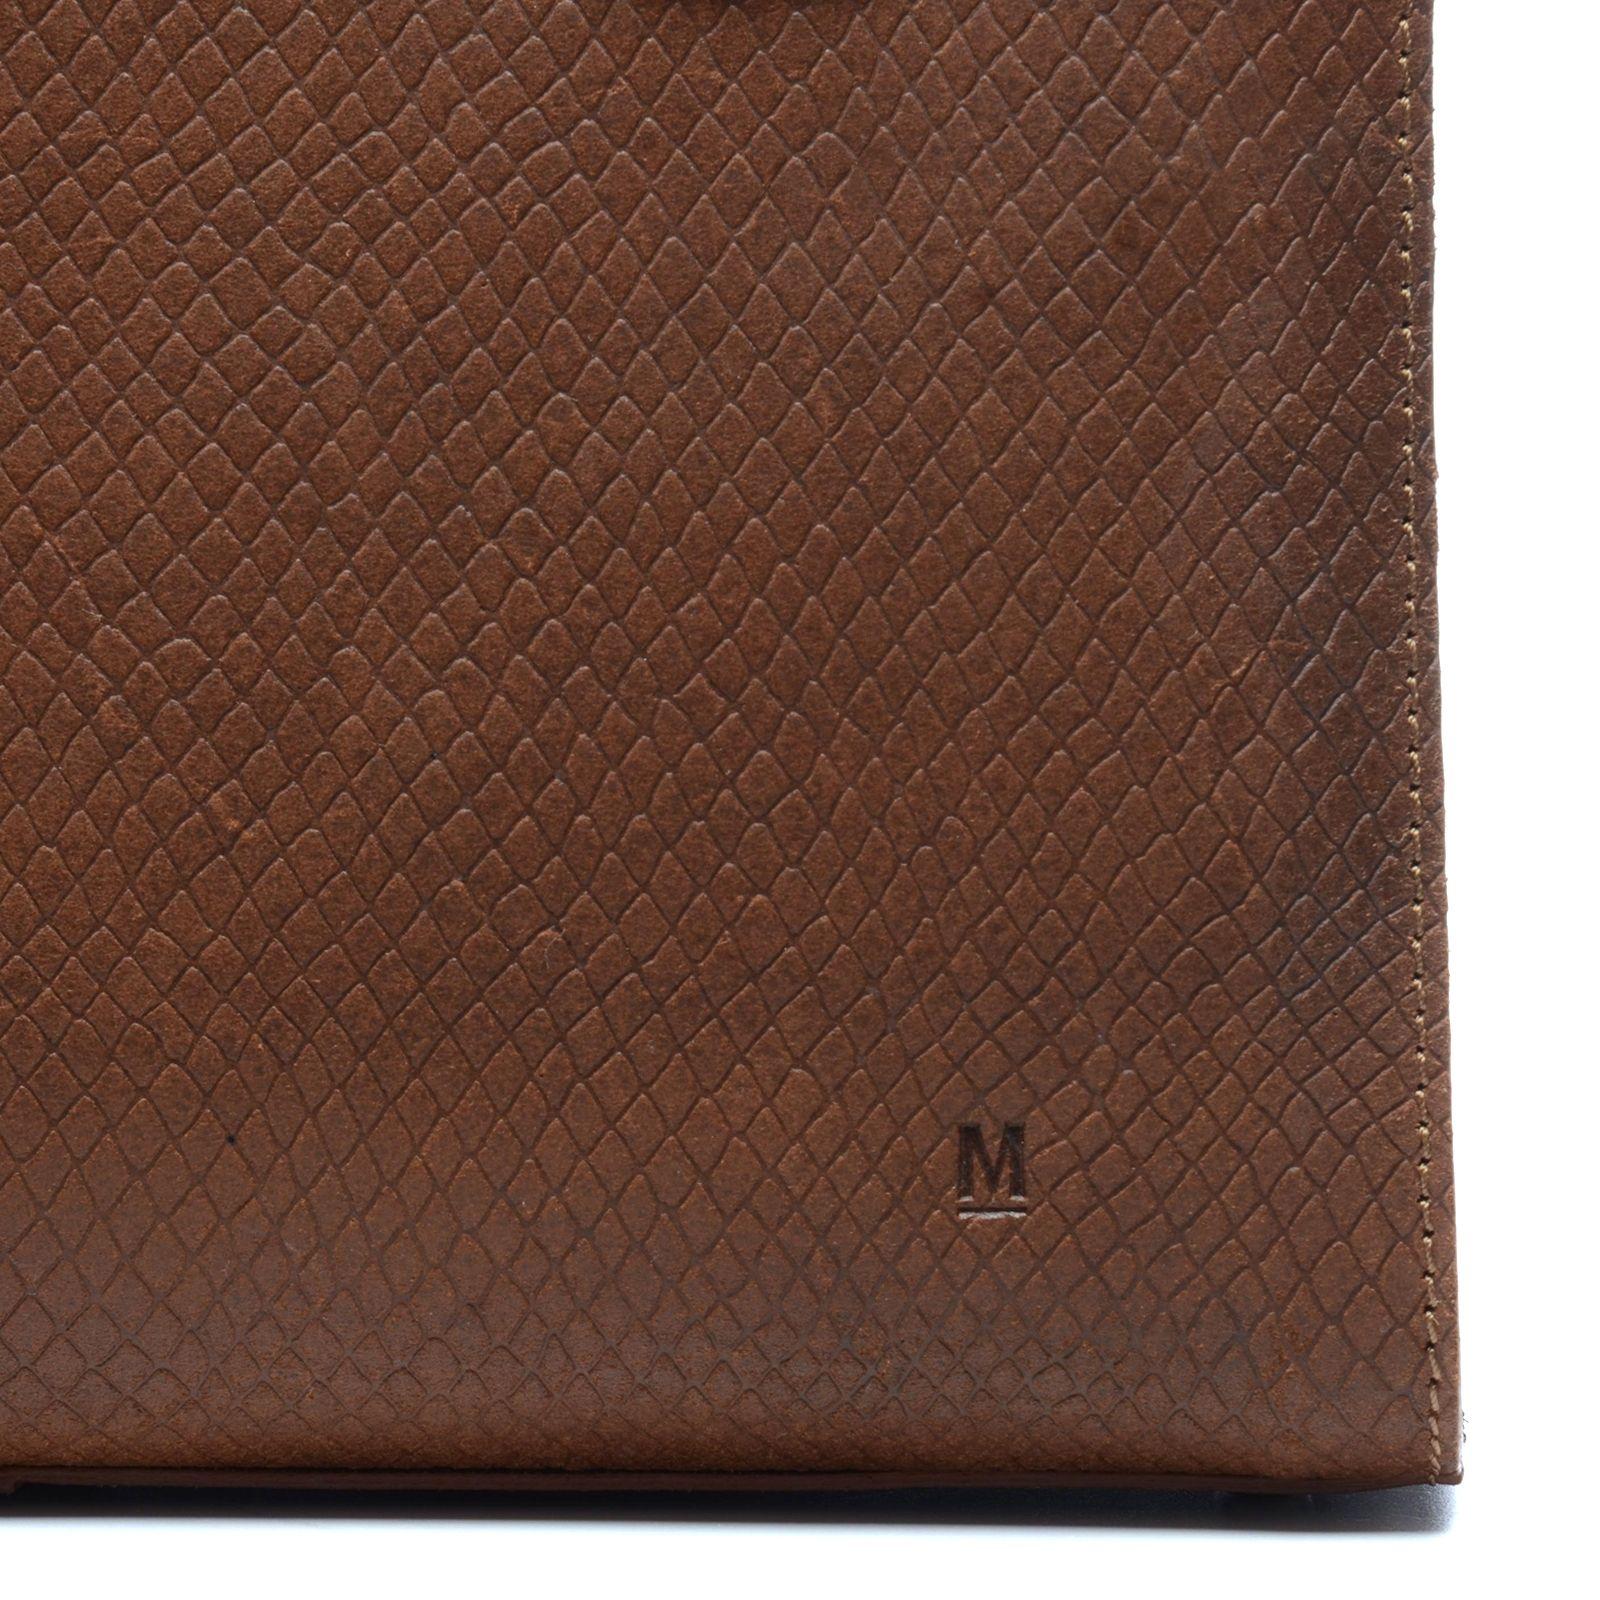 Tassen Patroon : Cognac tas met patroon tassen manfield